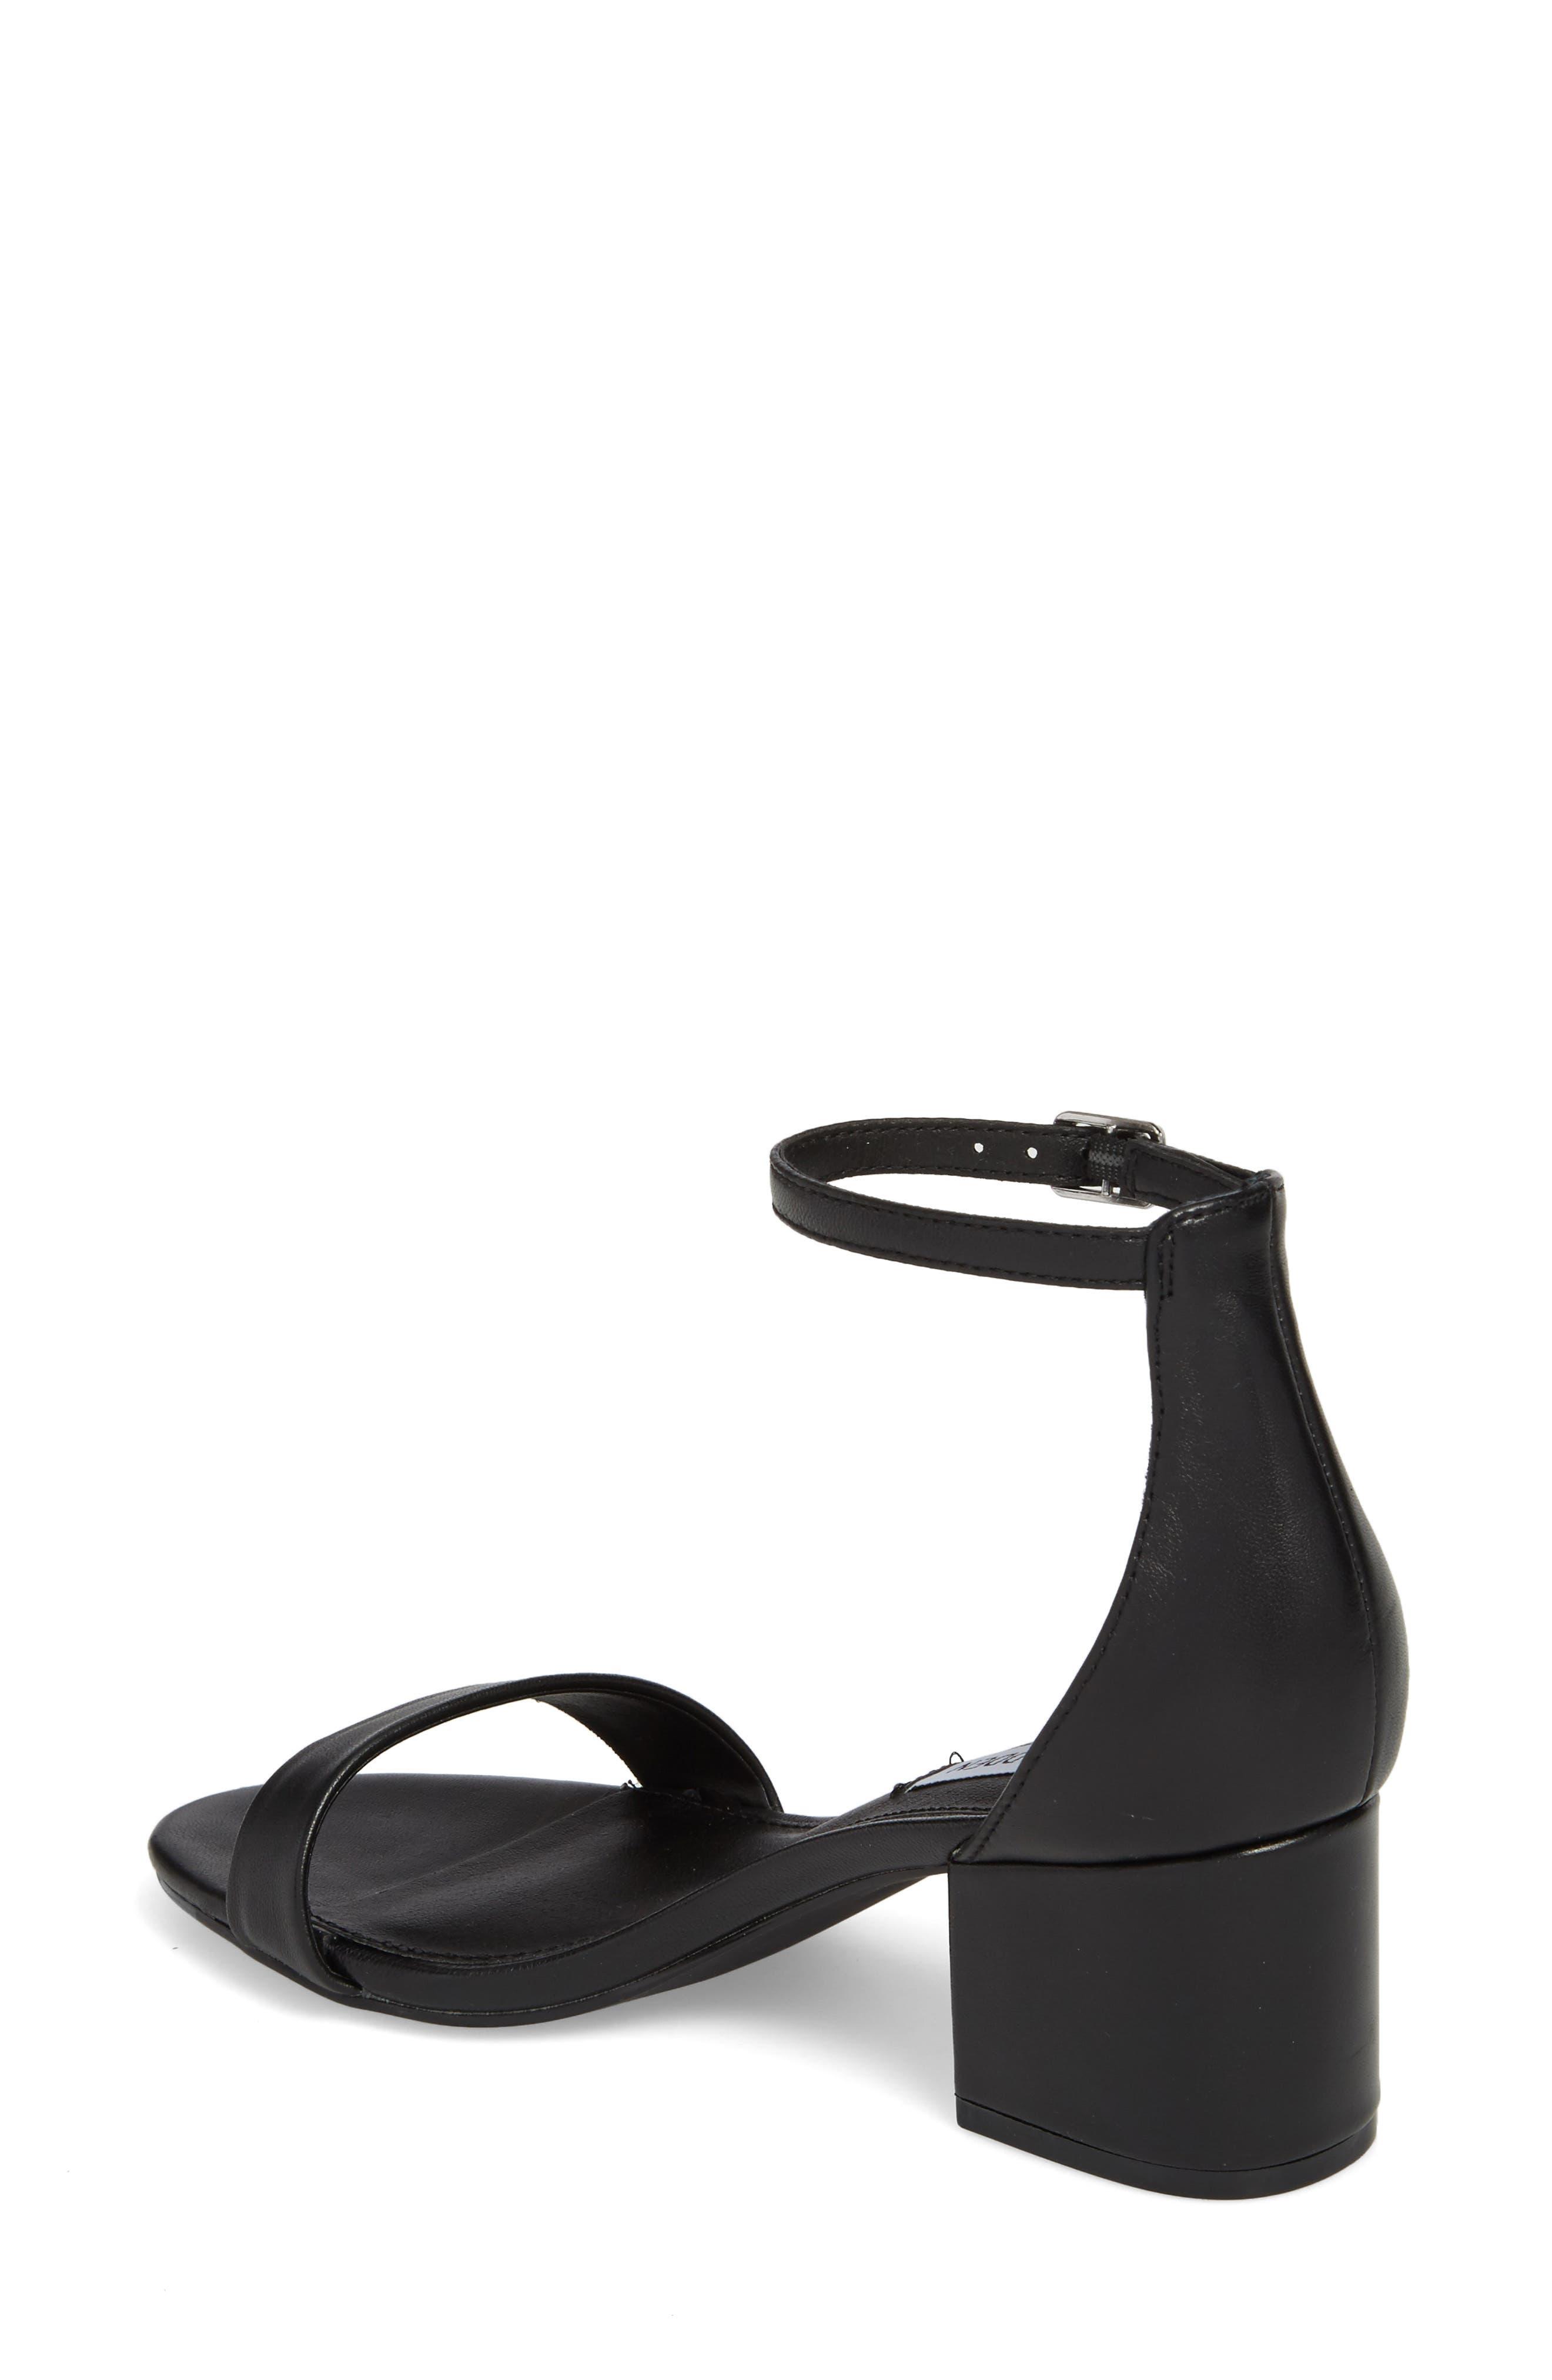 Alternate Image 2  - Steve Madden Irenee Ankle Strap Sandal (Women)